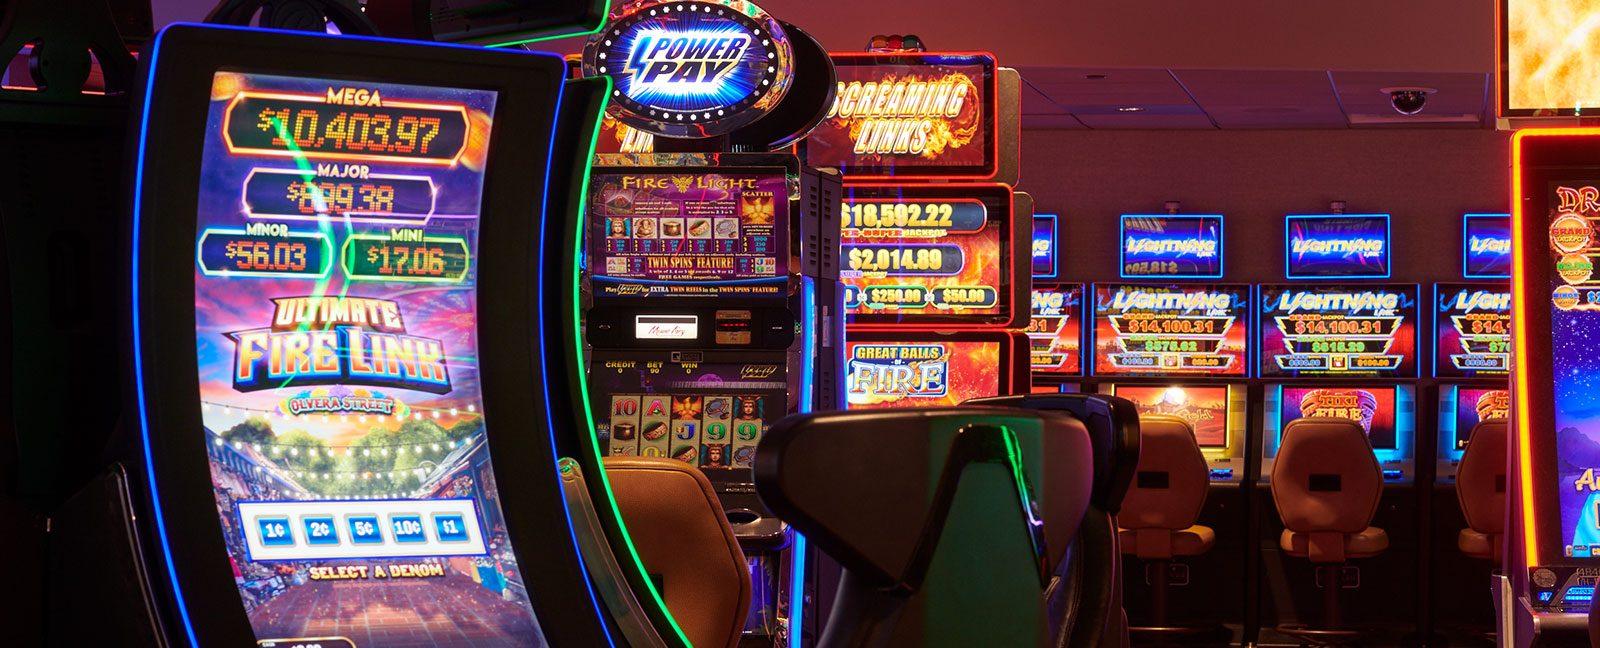 jackpot winner floor